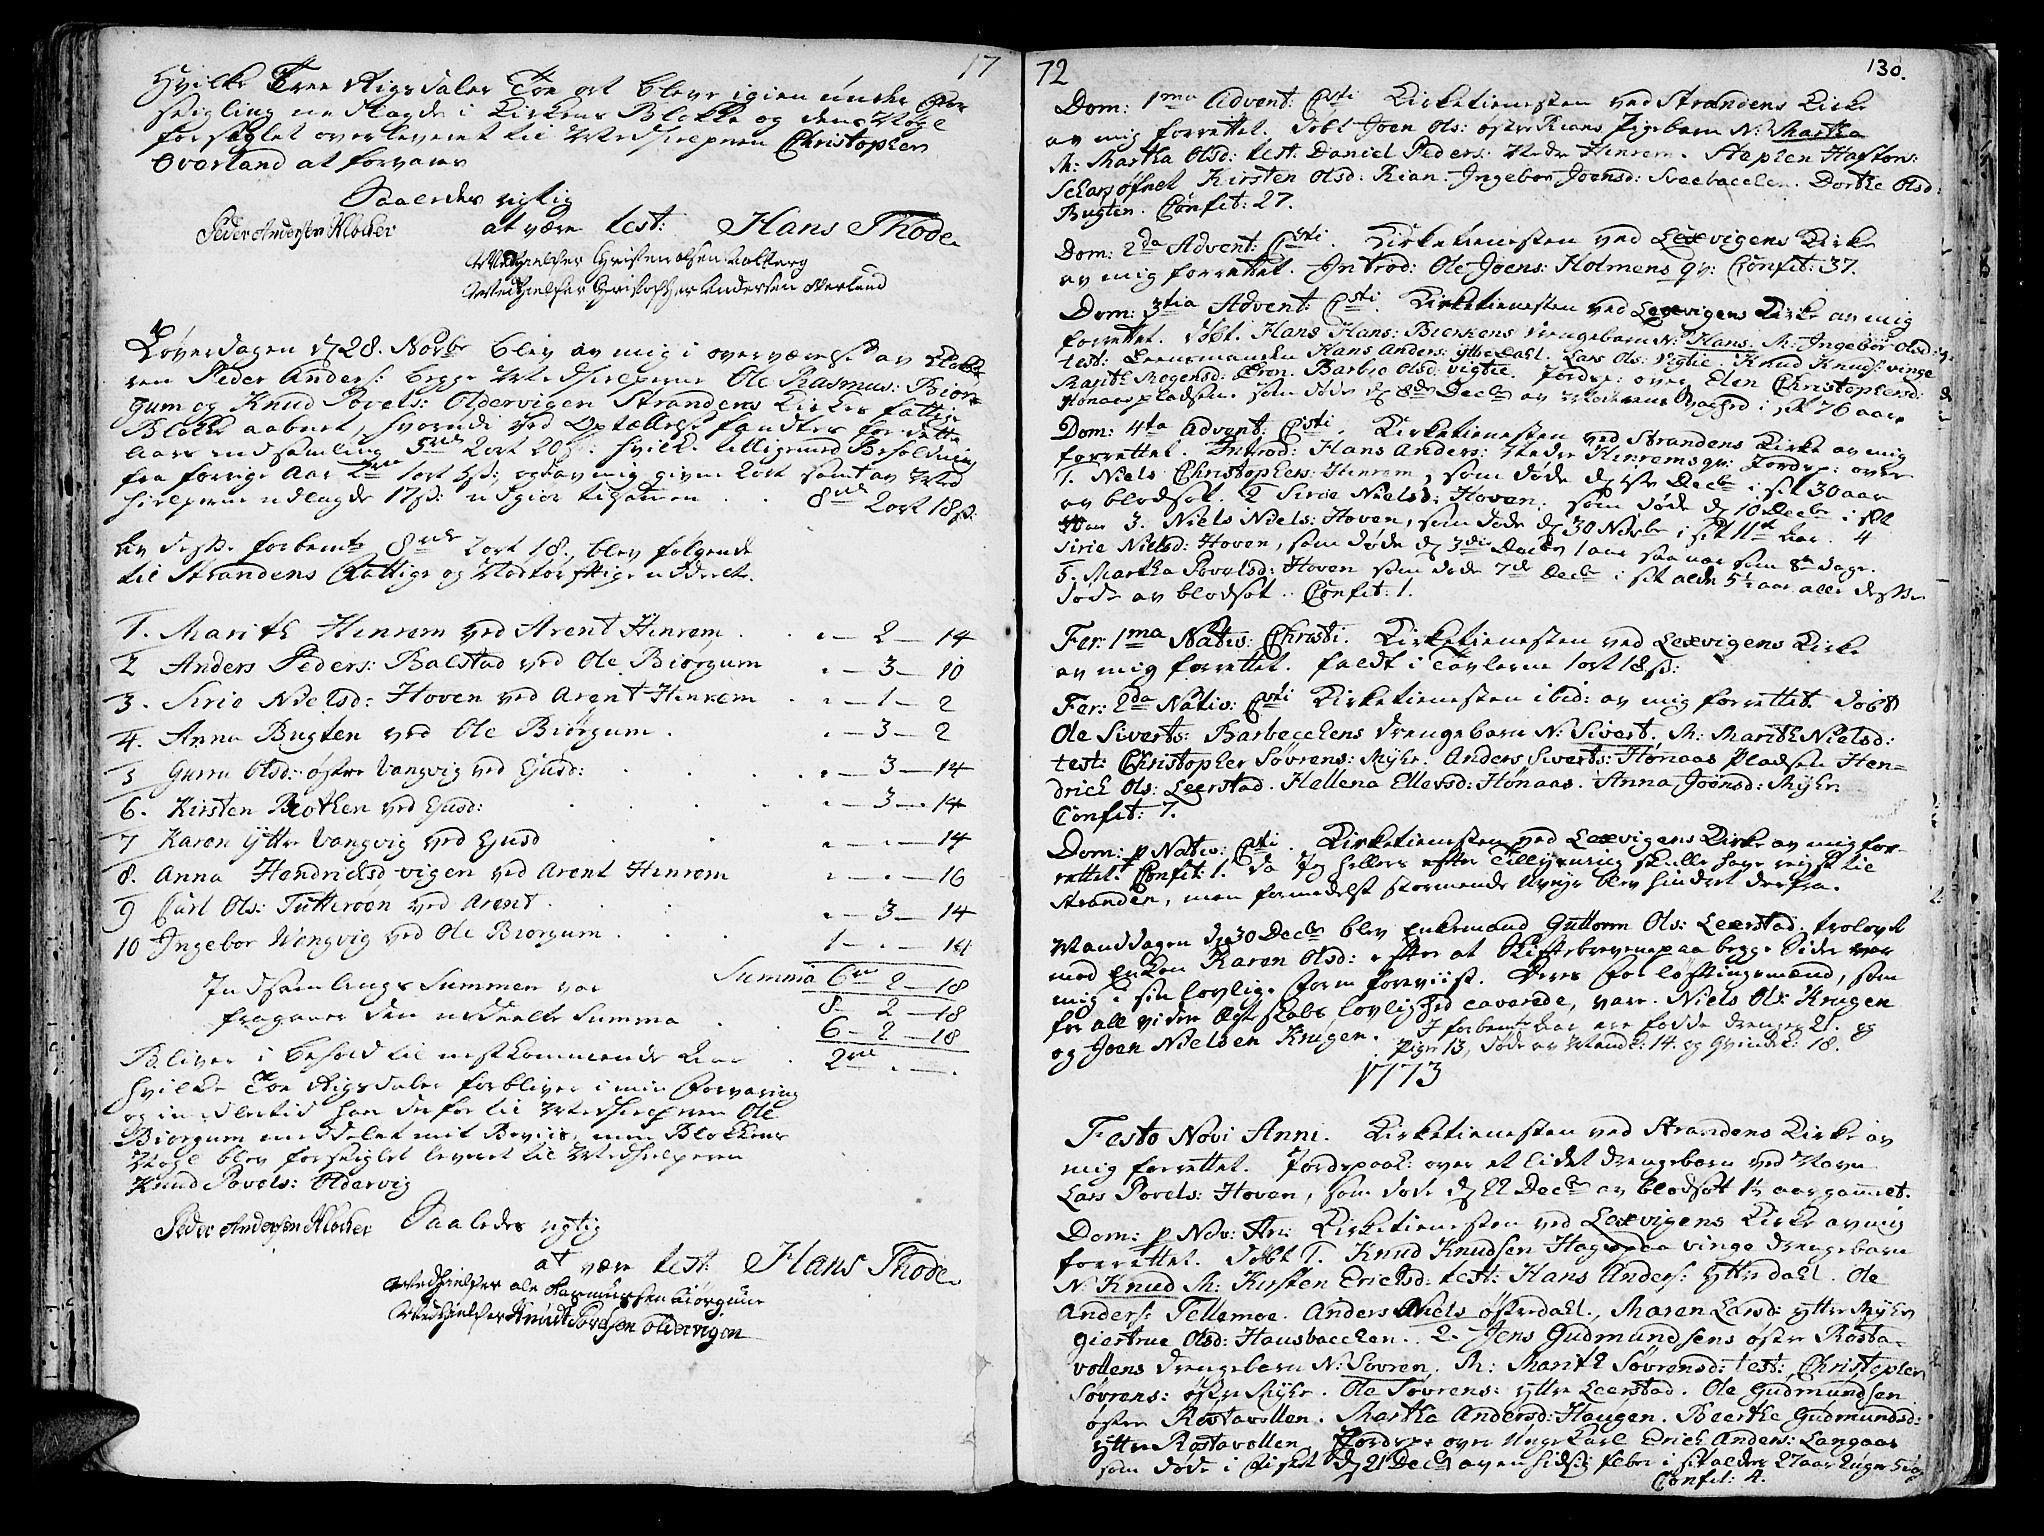 SAT, Ministerialprotokoller, klokkerbøker og fødselsregistre - Nord-Trøndelag, 701/L0003: Ministerialbok nr. 701A03, 1751-1783, s. 130